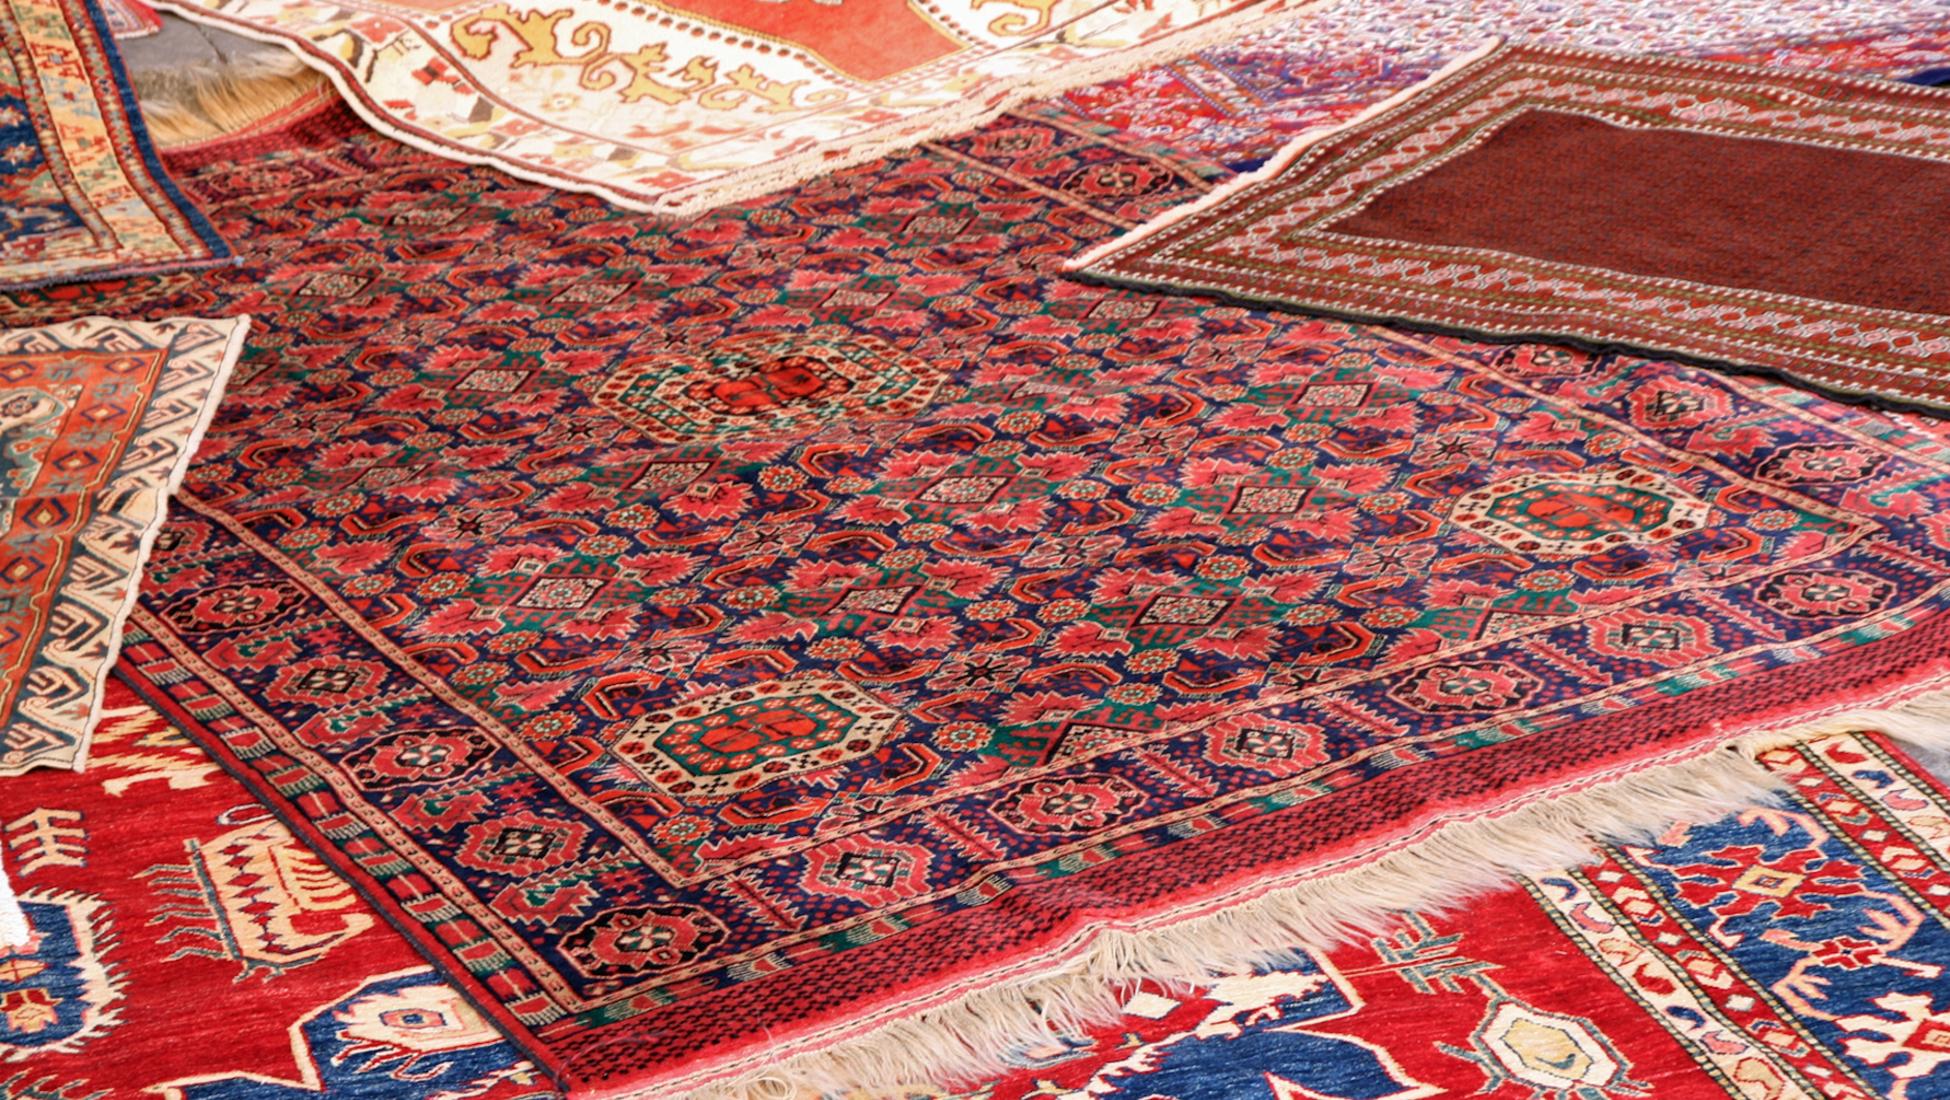 Perzisch Tapijt Tweedehands : Hoe bepaal je de waarde van een oosters tapijt catawiki